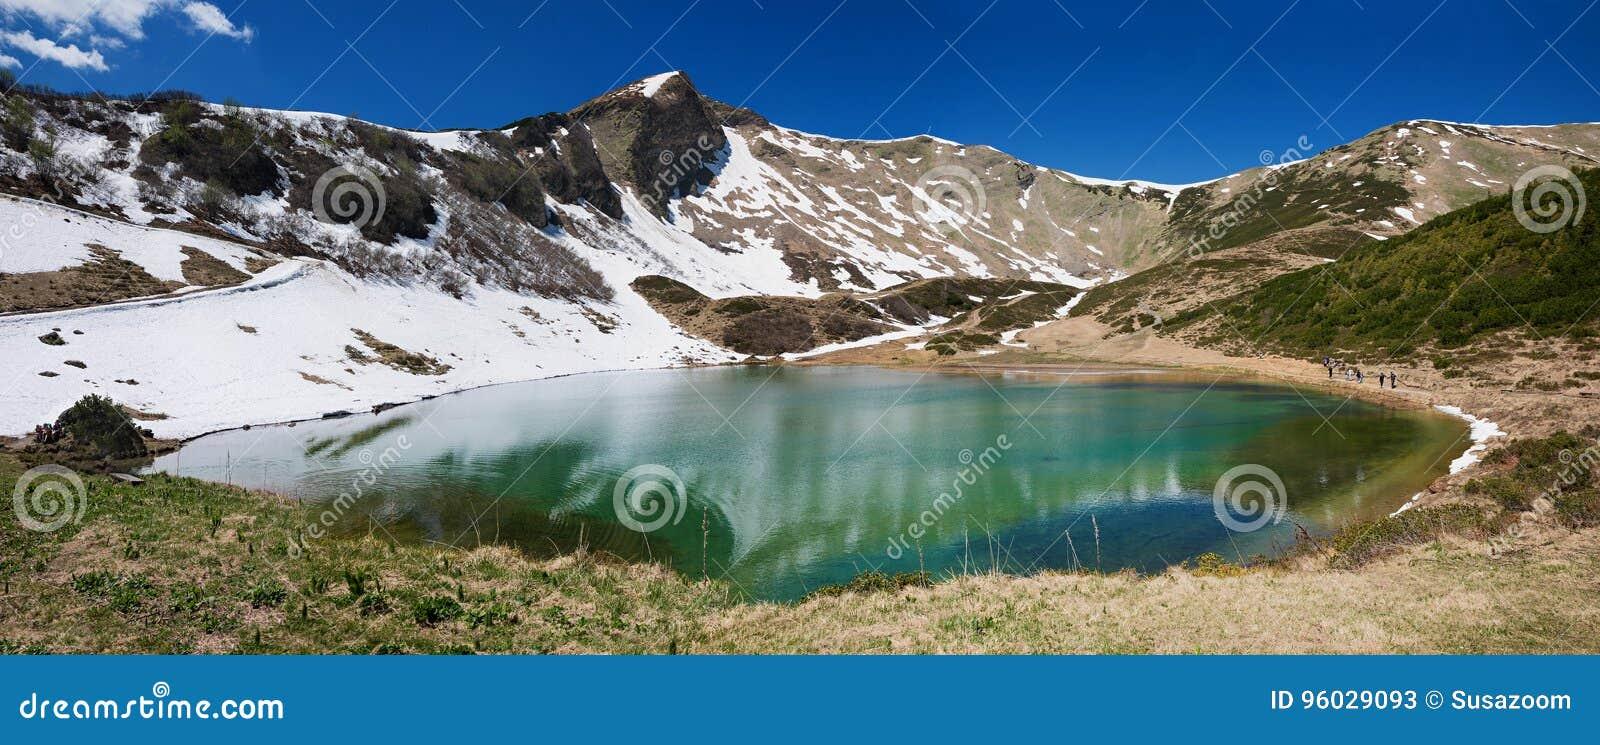 Alpejski jeziorny schlappoldsee w górzystym krajobrazie, allgau Germany